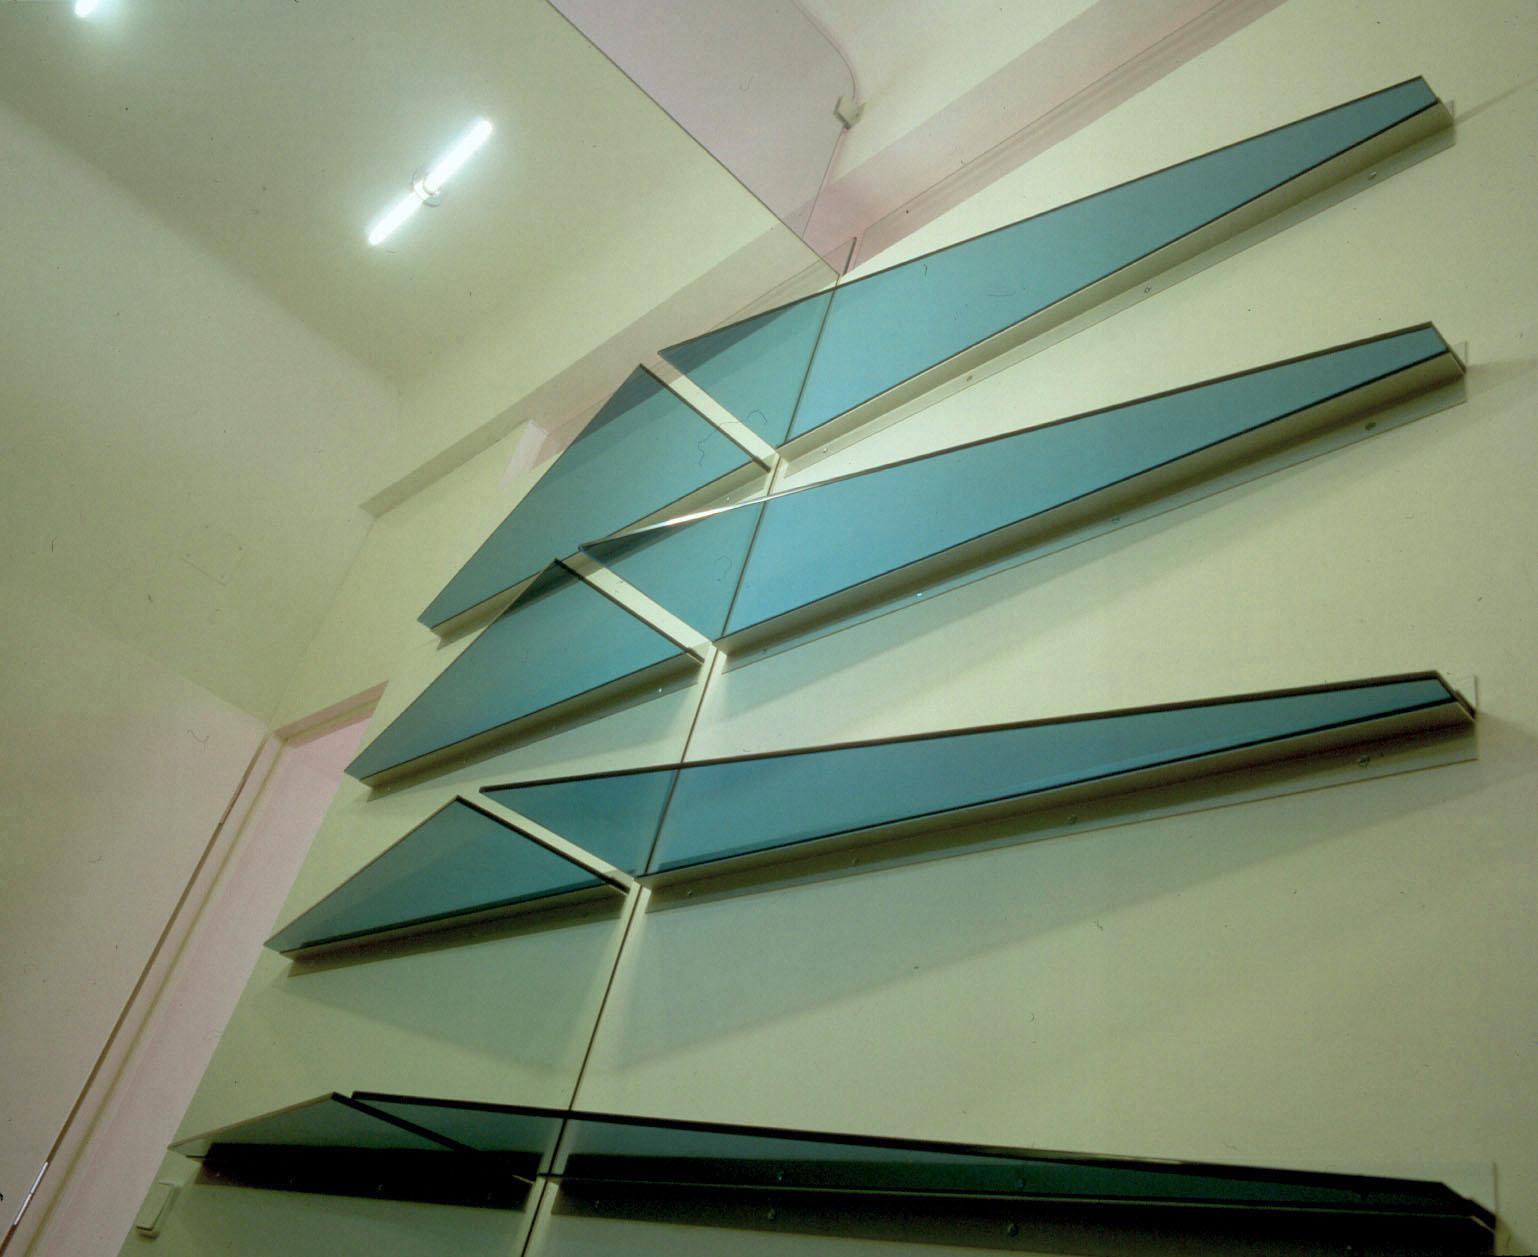 <p>© RUNSER / PRANTL architekten, Bad, 1120 Wien, Österreich, 1992, Wohnung, Bad, Fotograf Margherita Spiluttini</p>